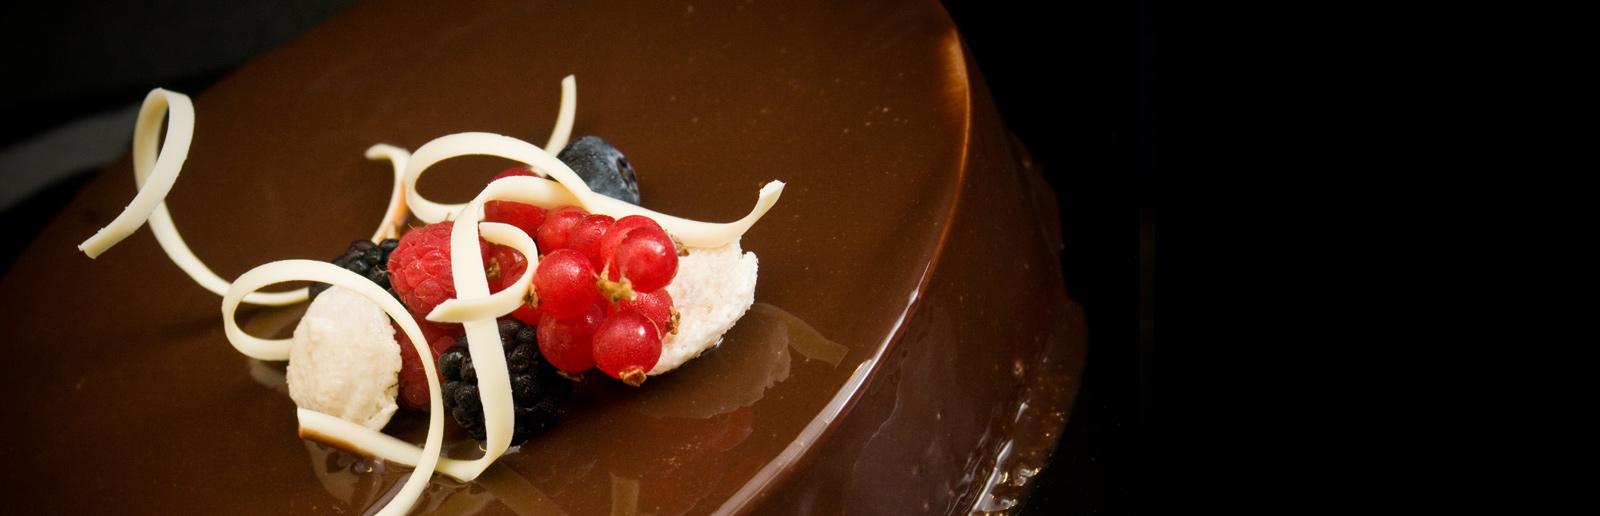 pasteleria-elegante-malaga